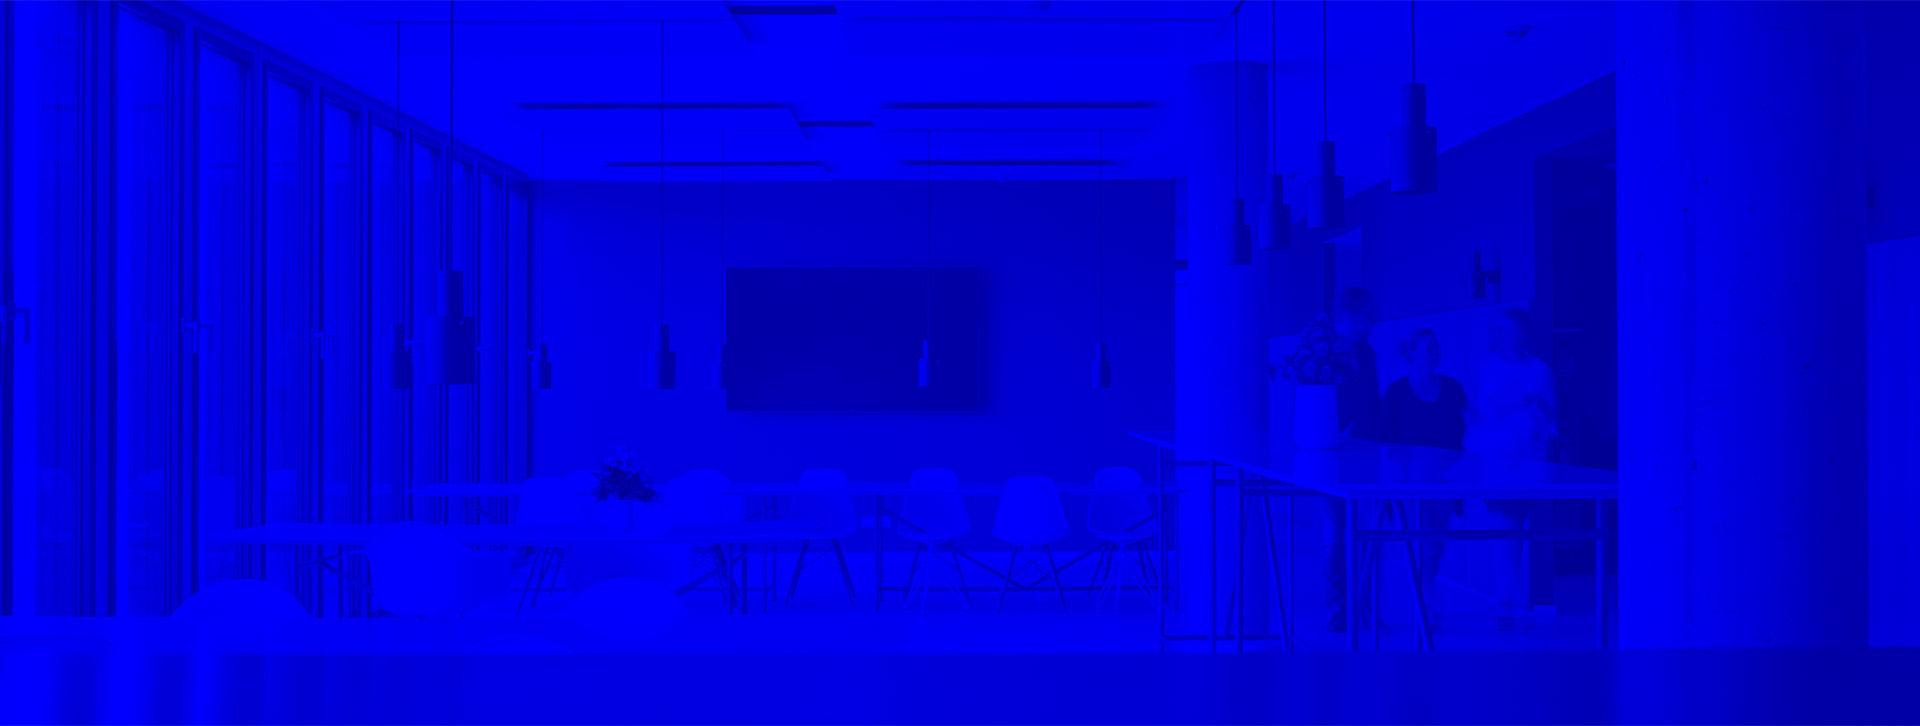 Raum mit Stuehlen und Tischen mit blauem Filter